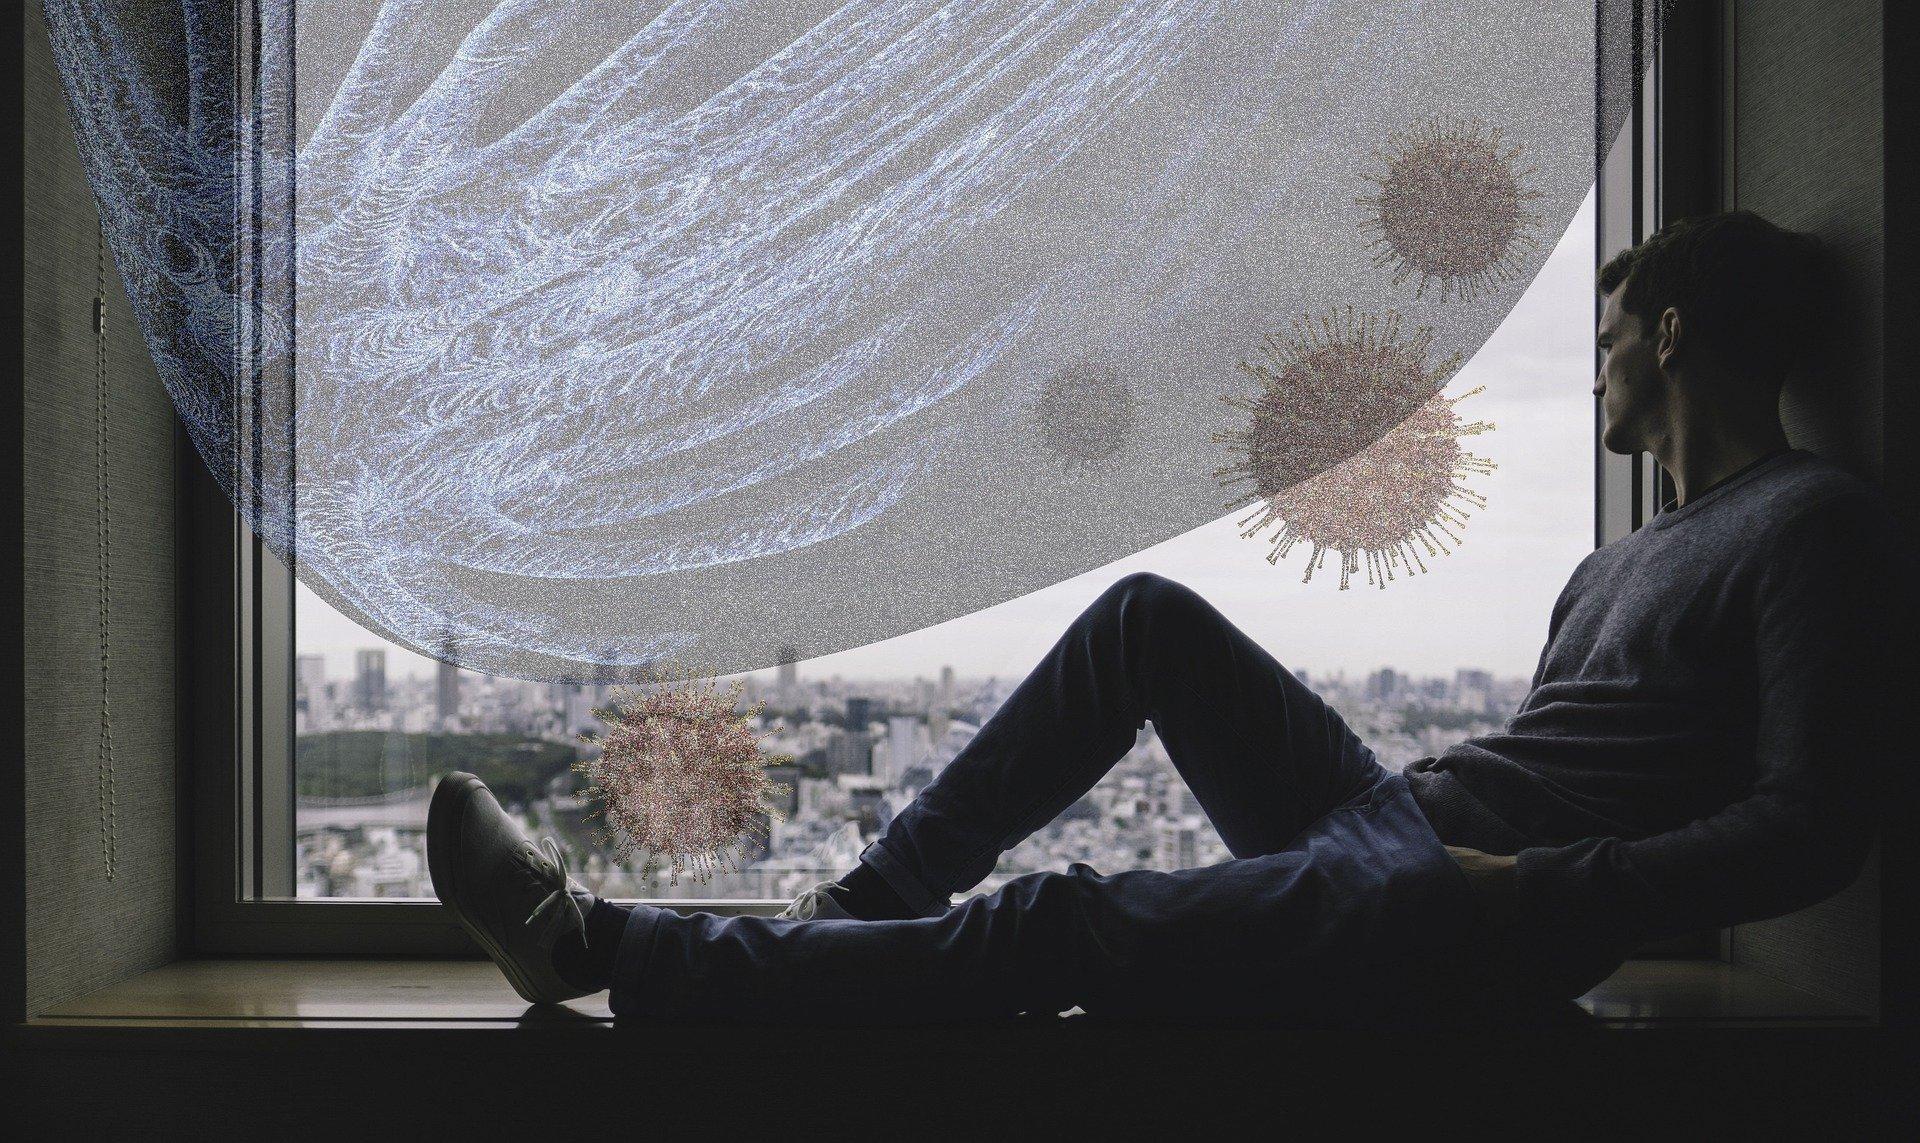 Sitzender Mann am Fenster und schaut auf Coronaviren